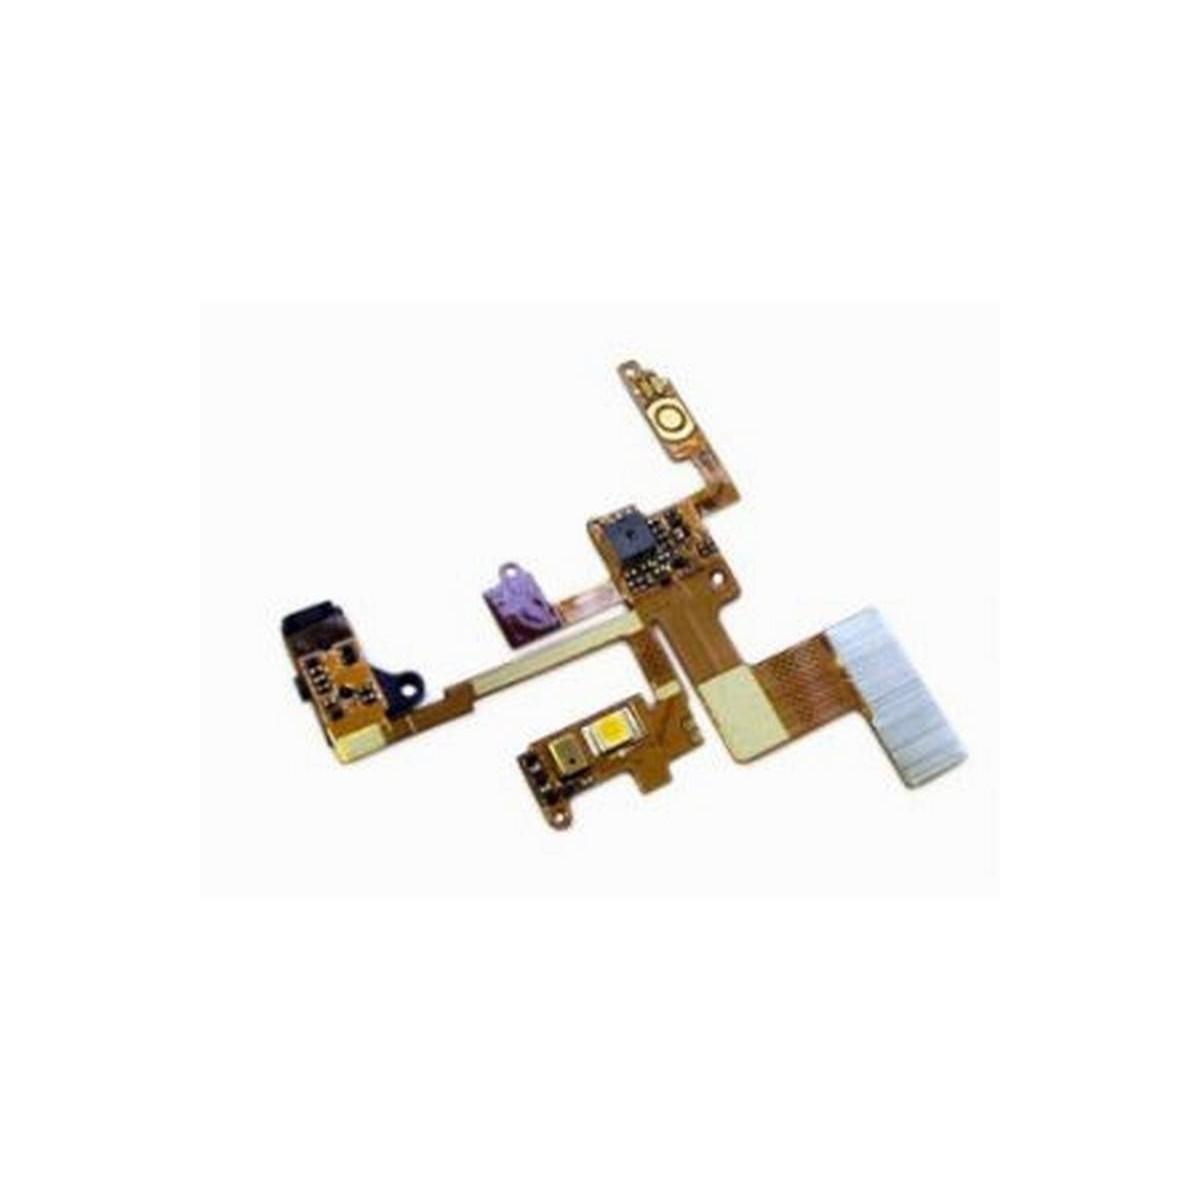 LG BL40 Cabo flex com LED flash, jack, interruptor de encendido